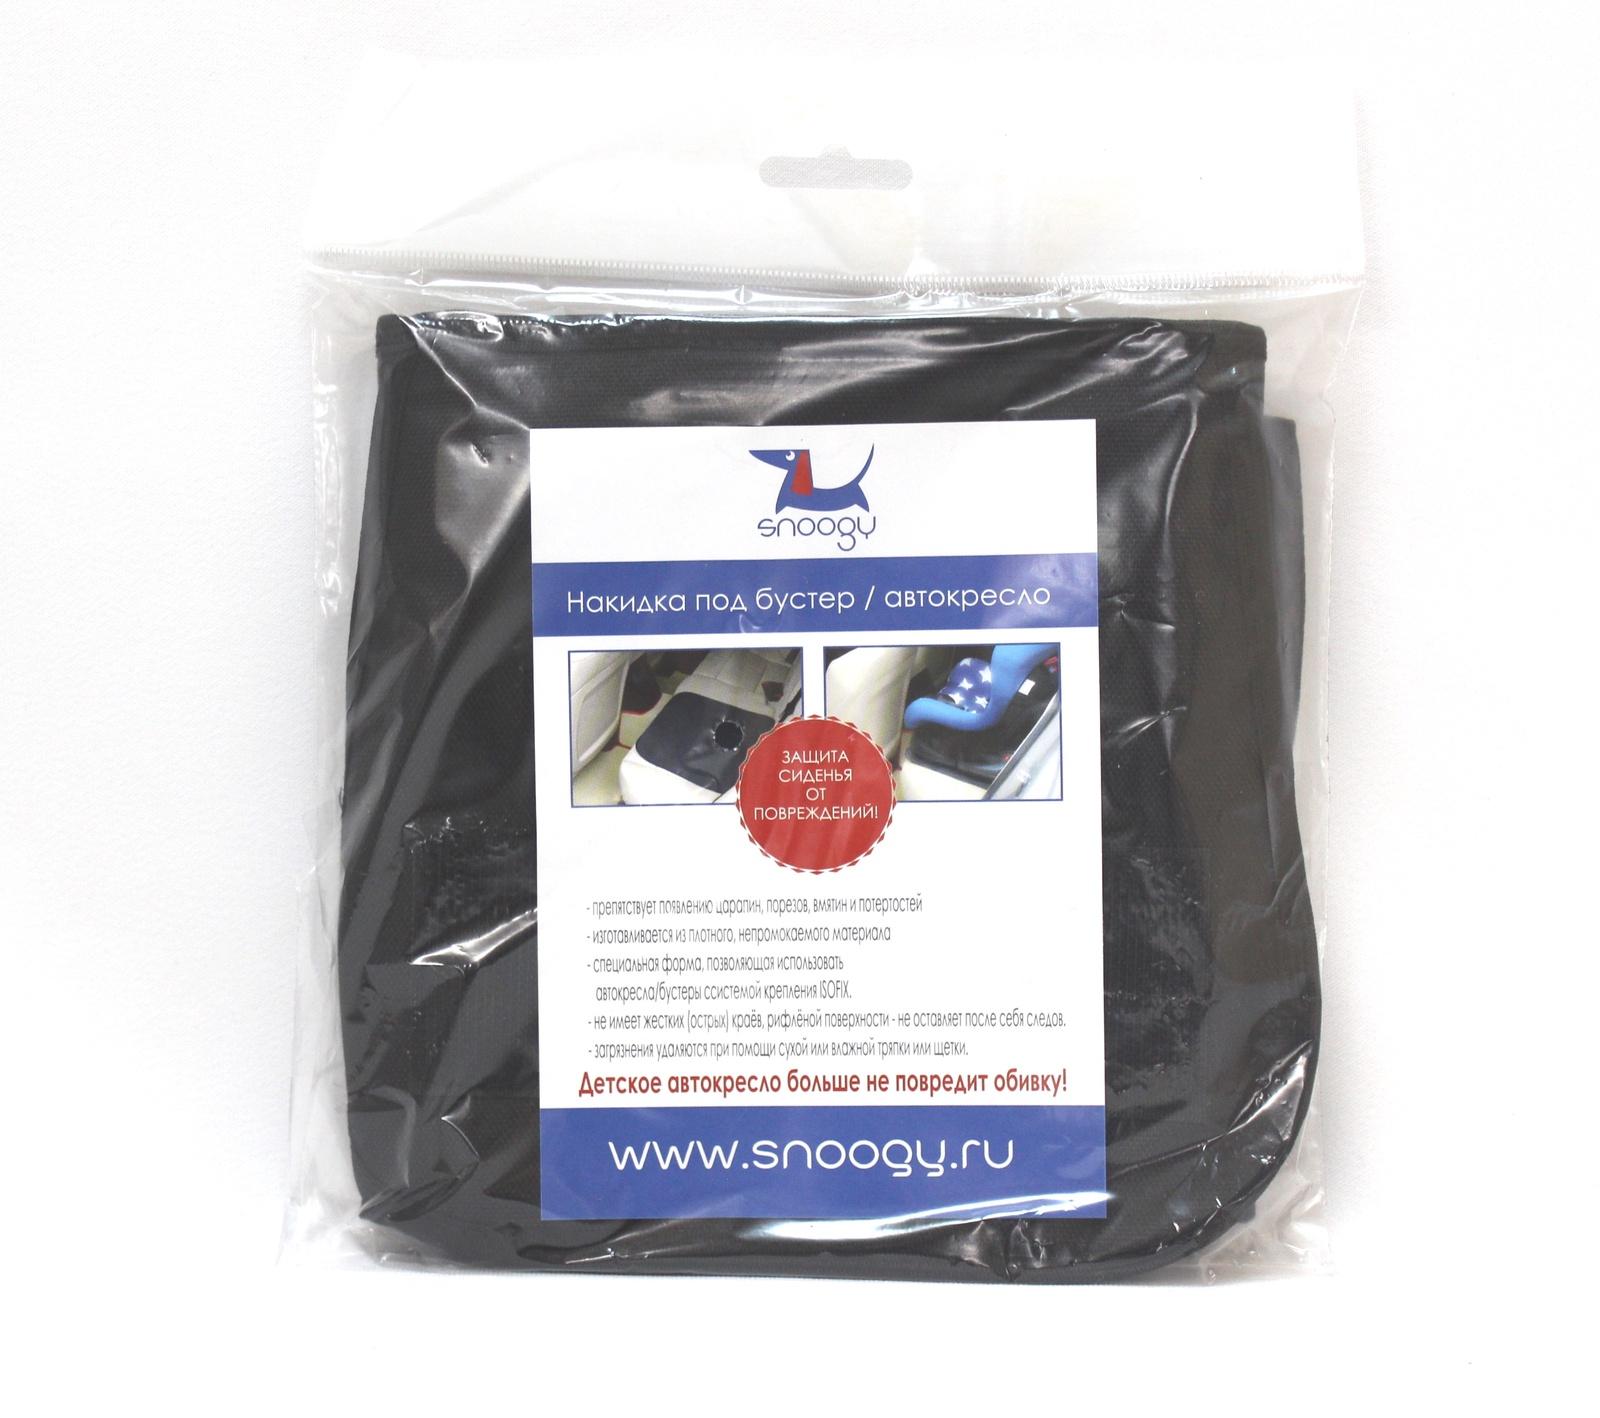 Накидка на сиденье Snoogy kc-protect-buster-blk-oxf защитная накидка под бустер смешарики цвет серый красный